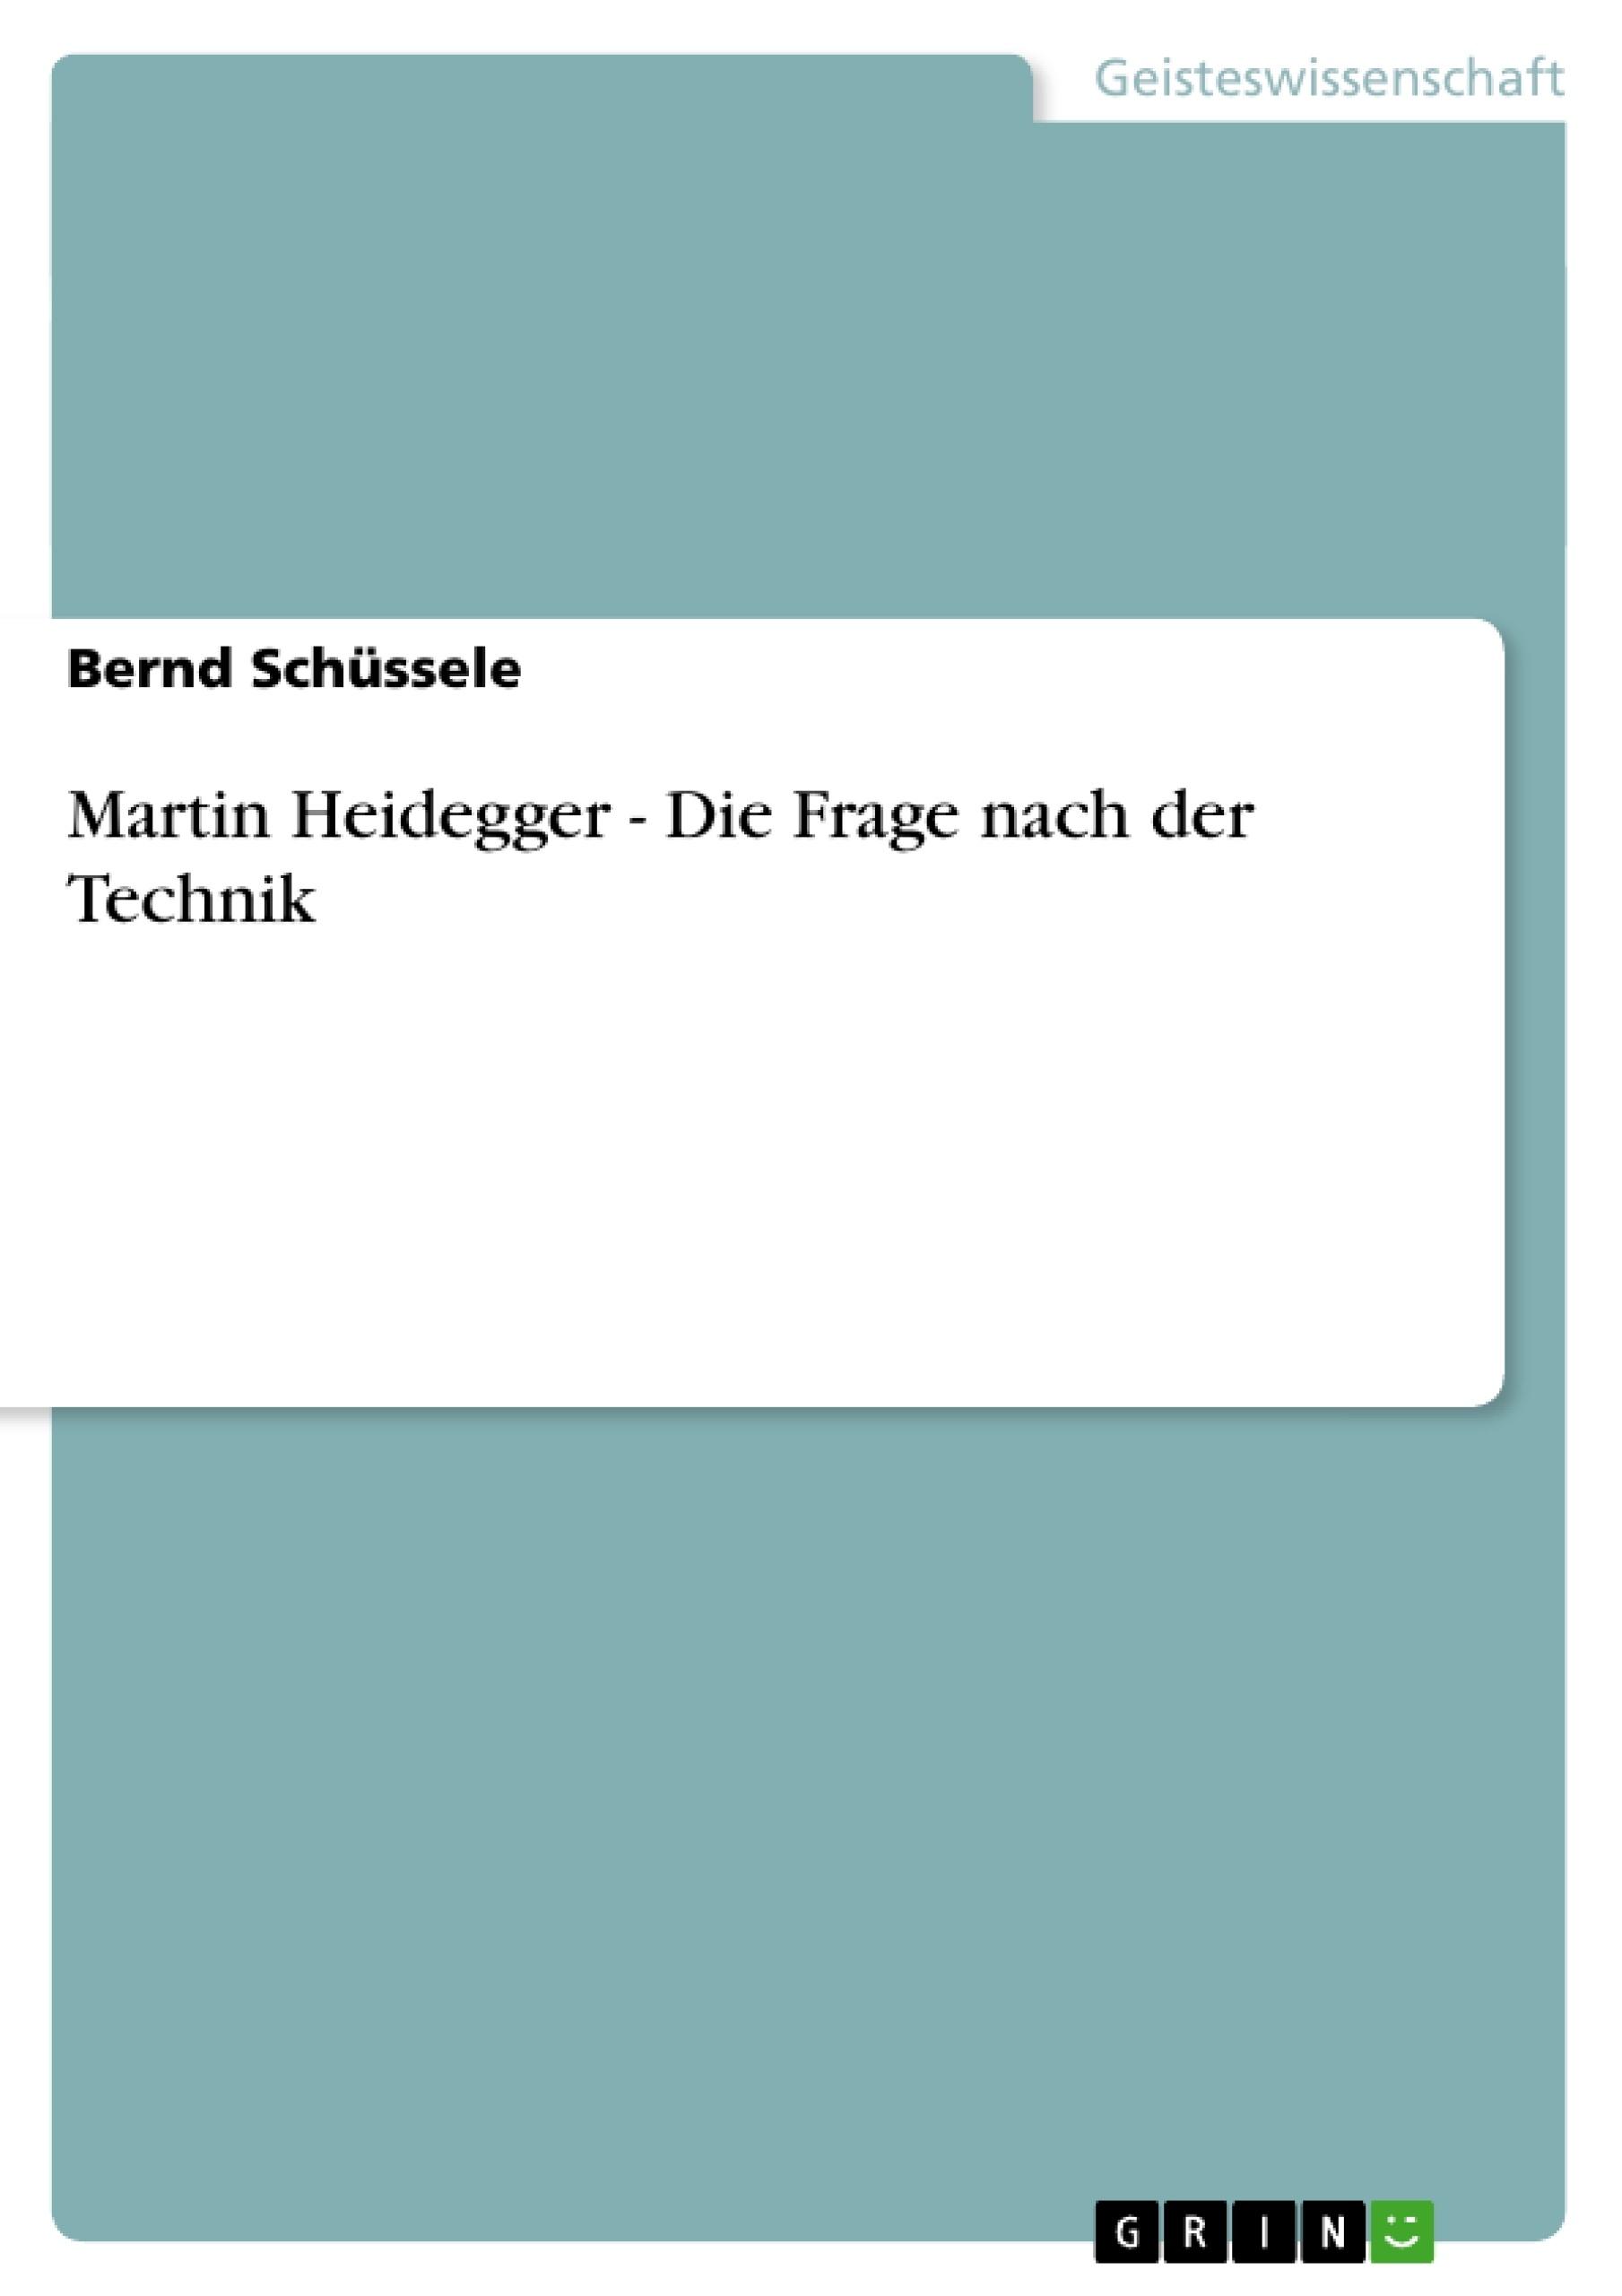 Titel: Martin Heidegger - Die Frage nach der Technik